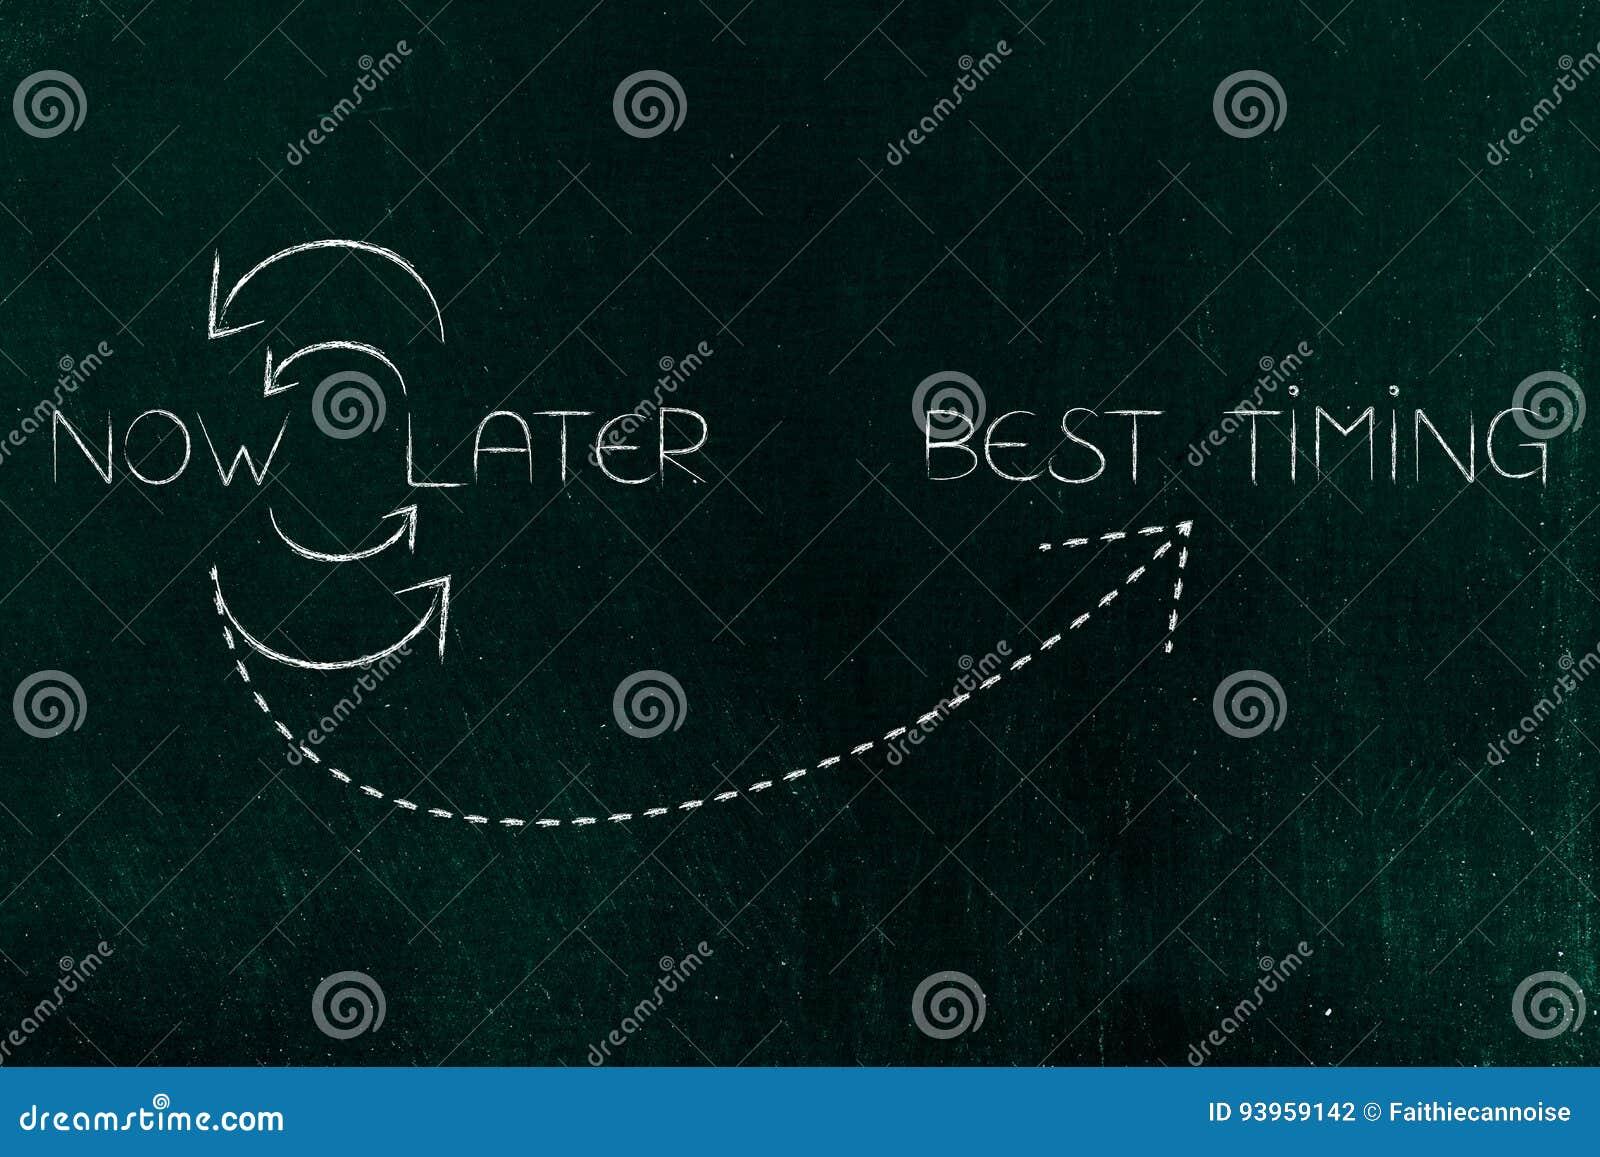 Choisissez la meilleure synchronisation entre maintenant ou plus tard un cycl répétitif